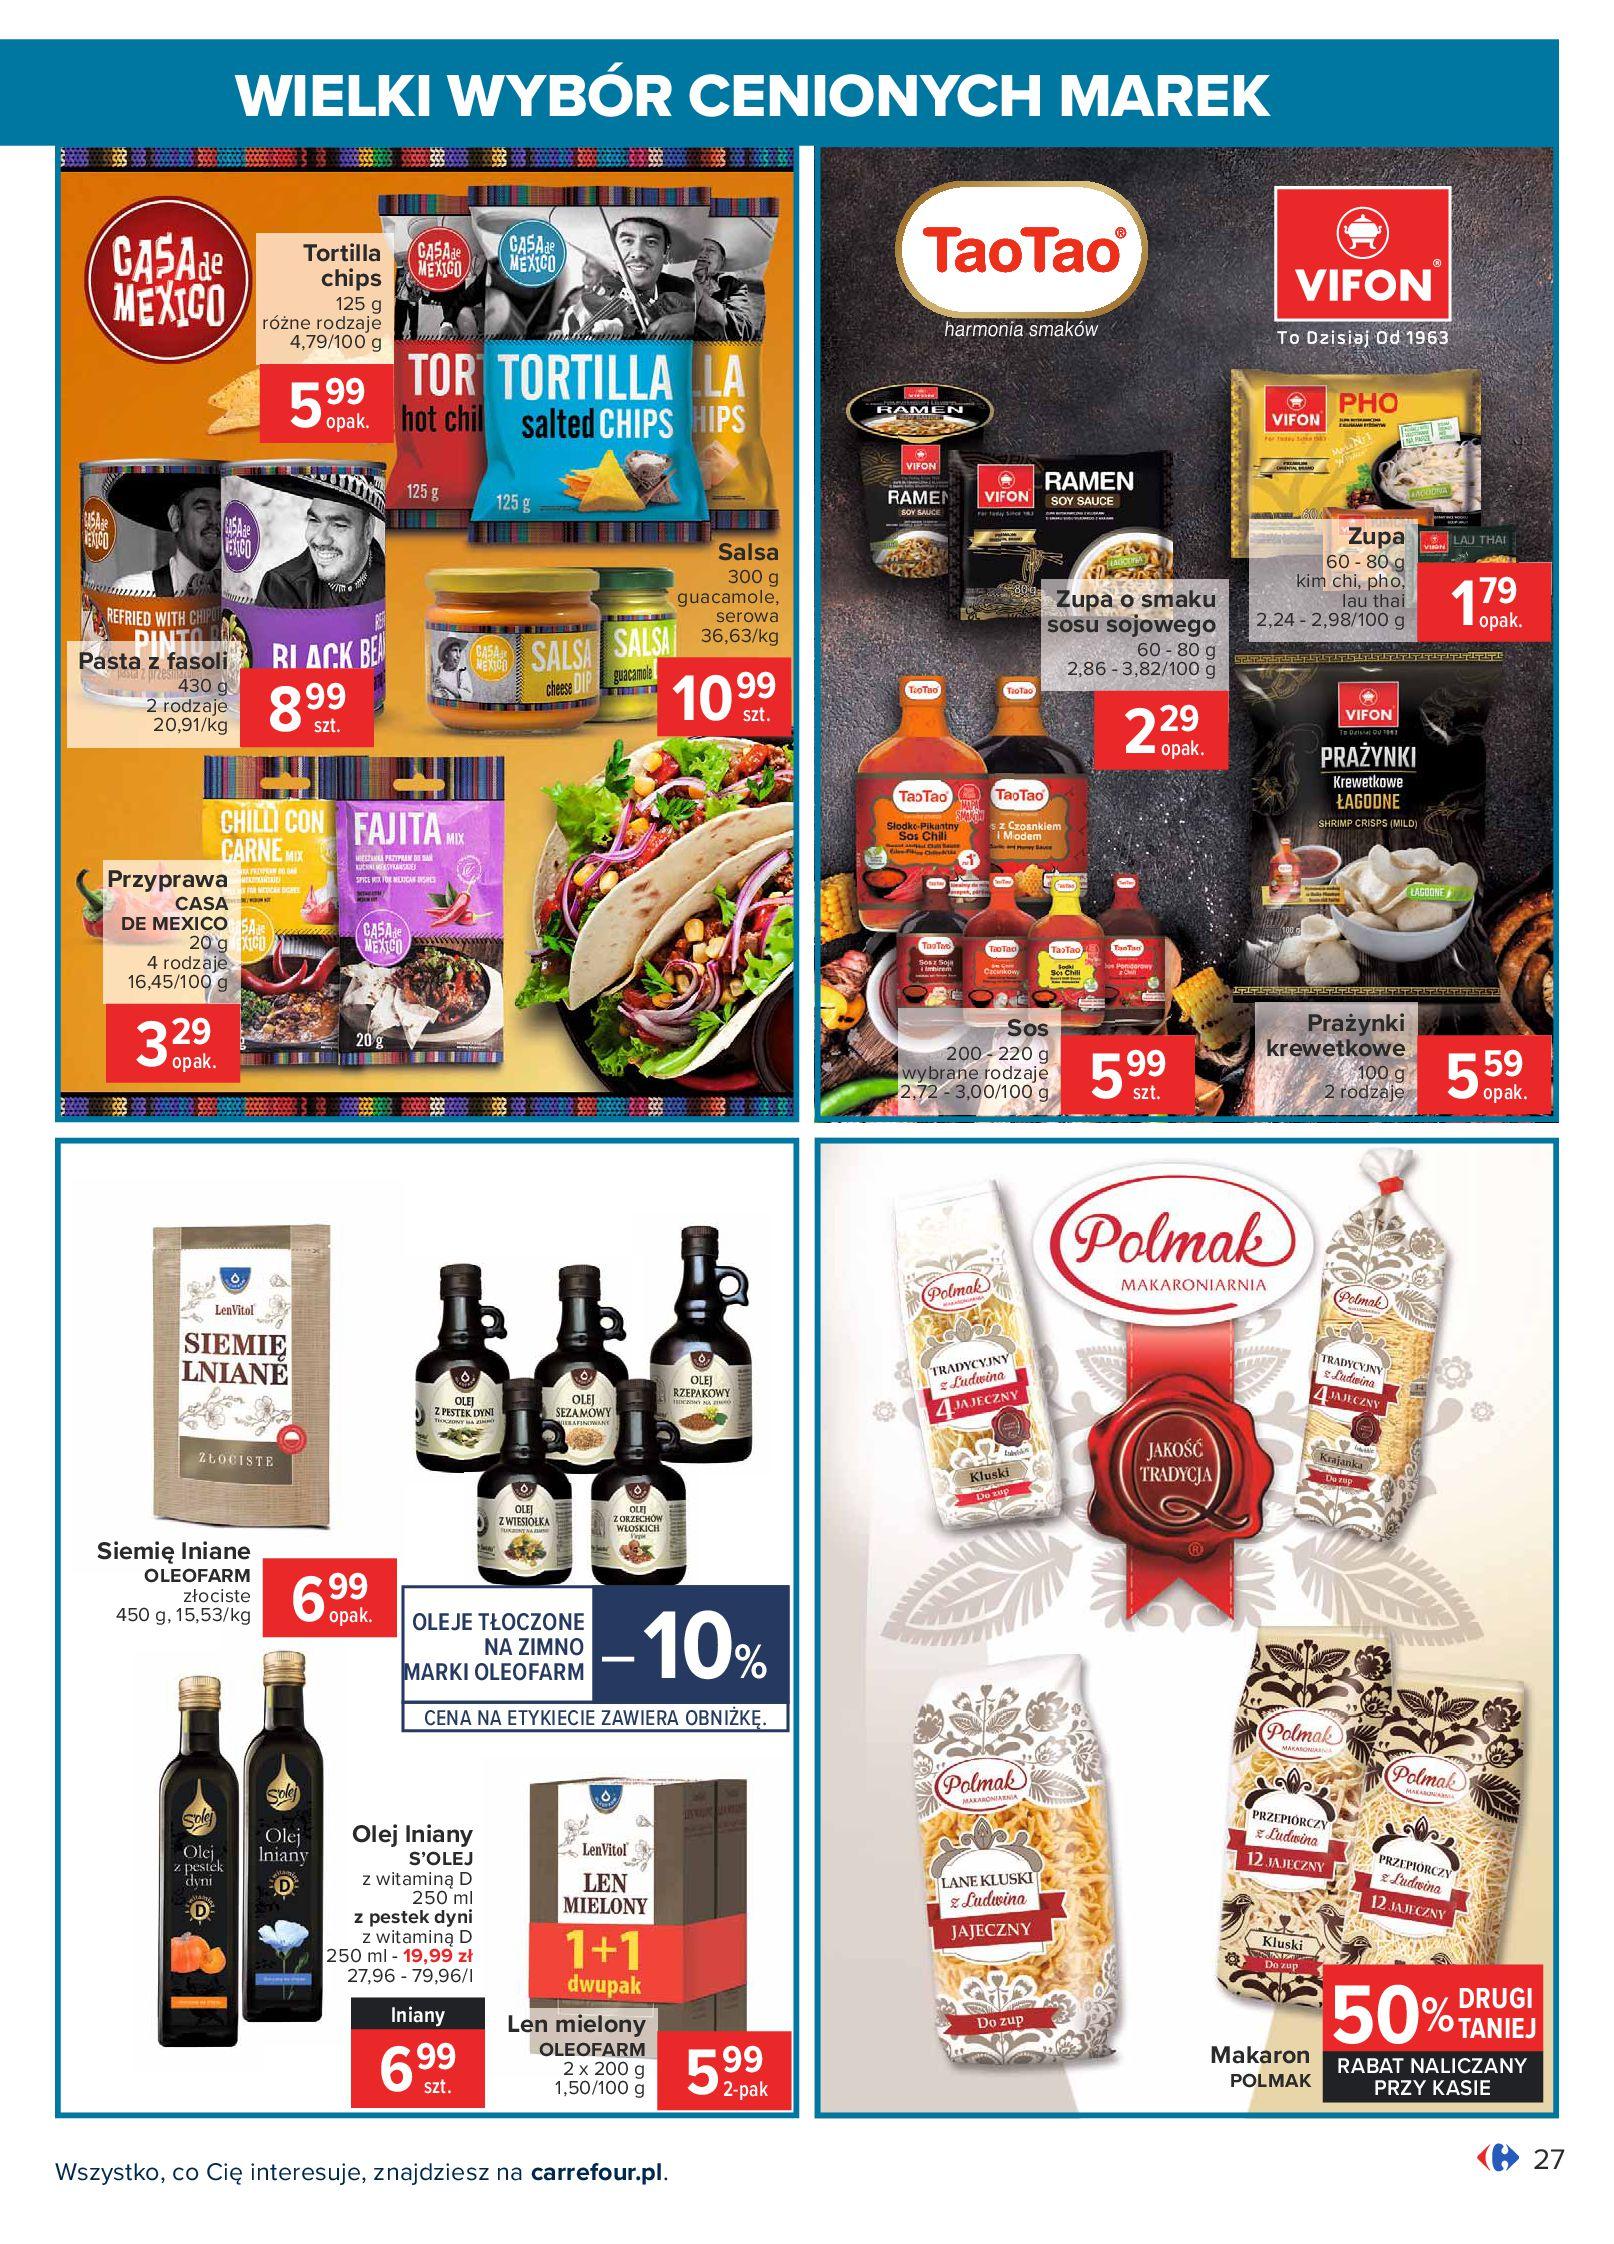 Gazetka Carrefour: Wielki wybór cenionych marek 2021-05-04 page-27